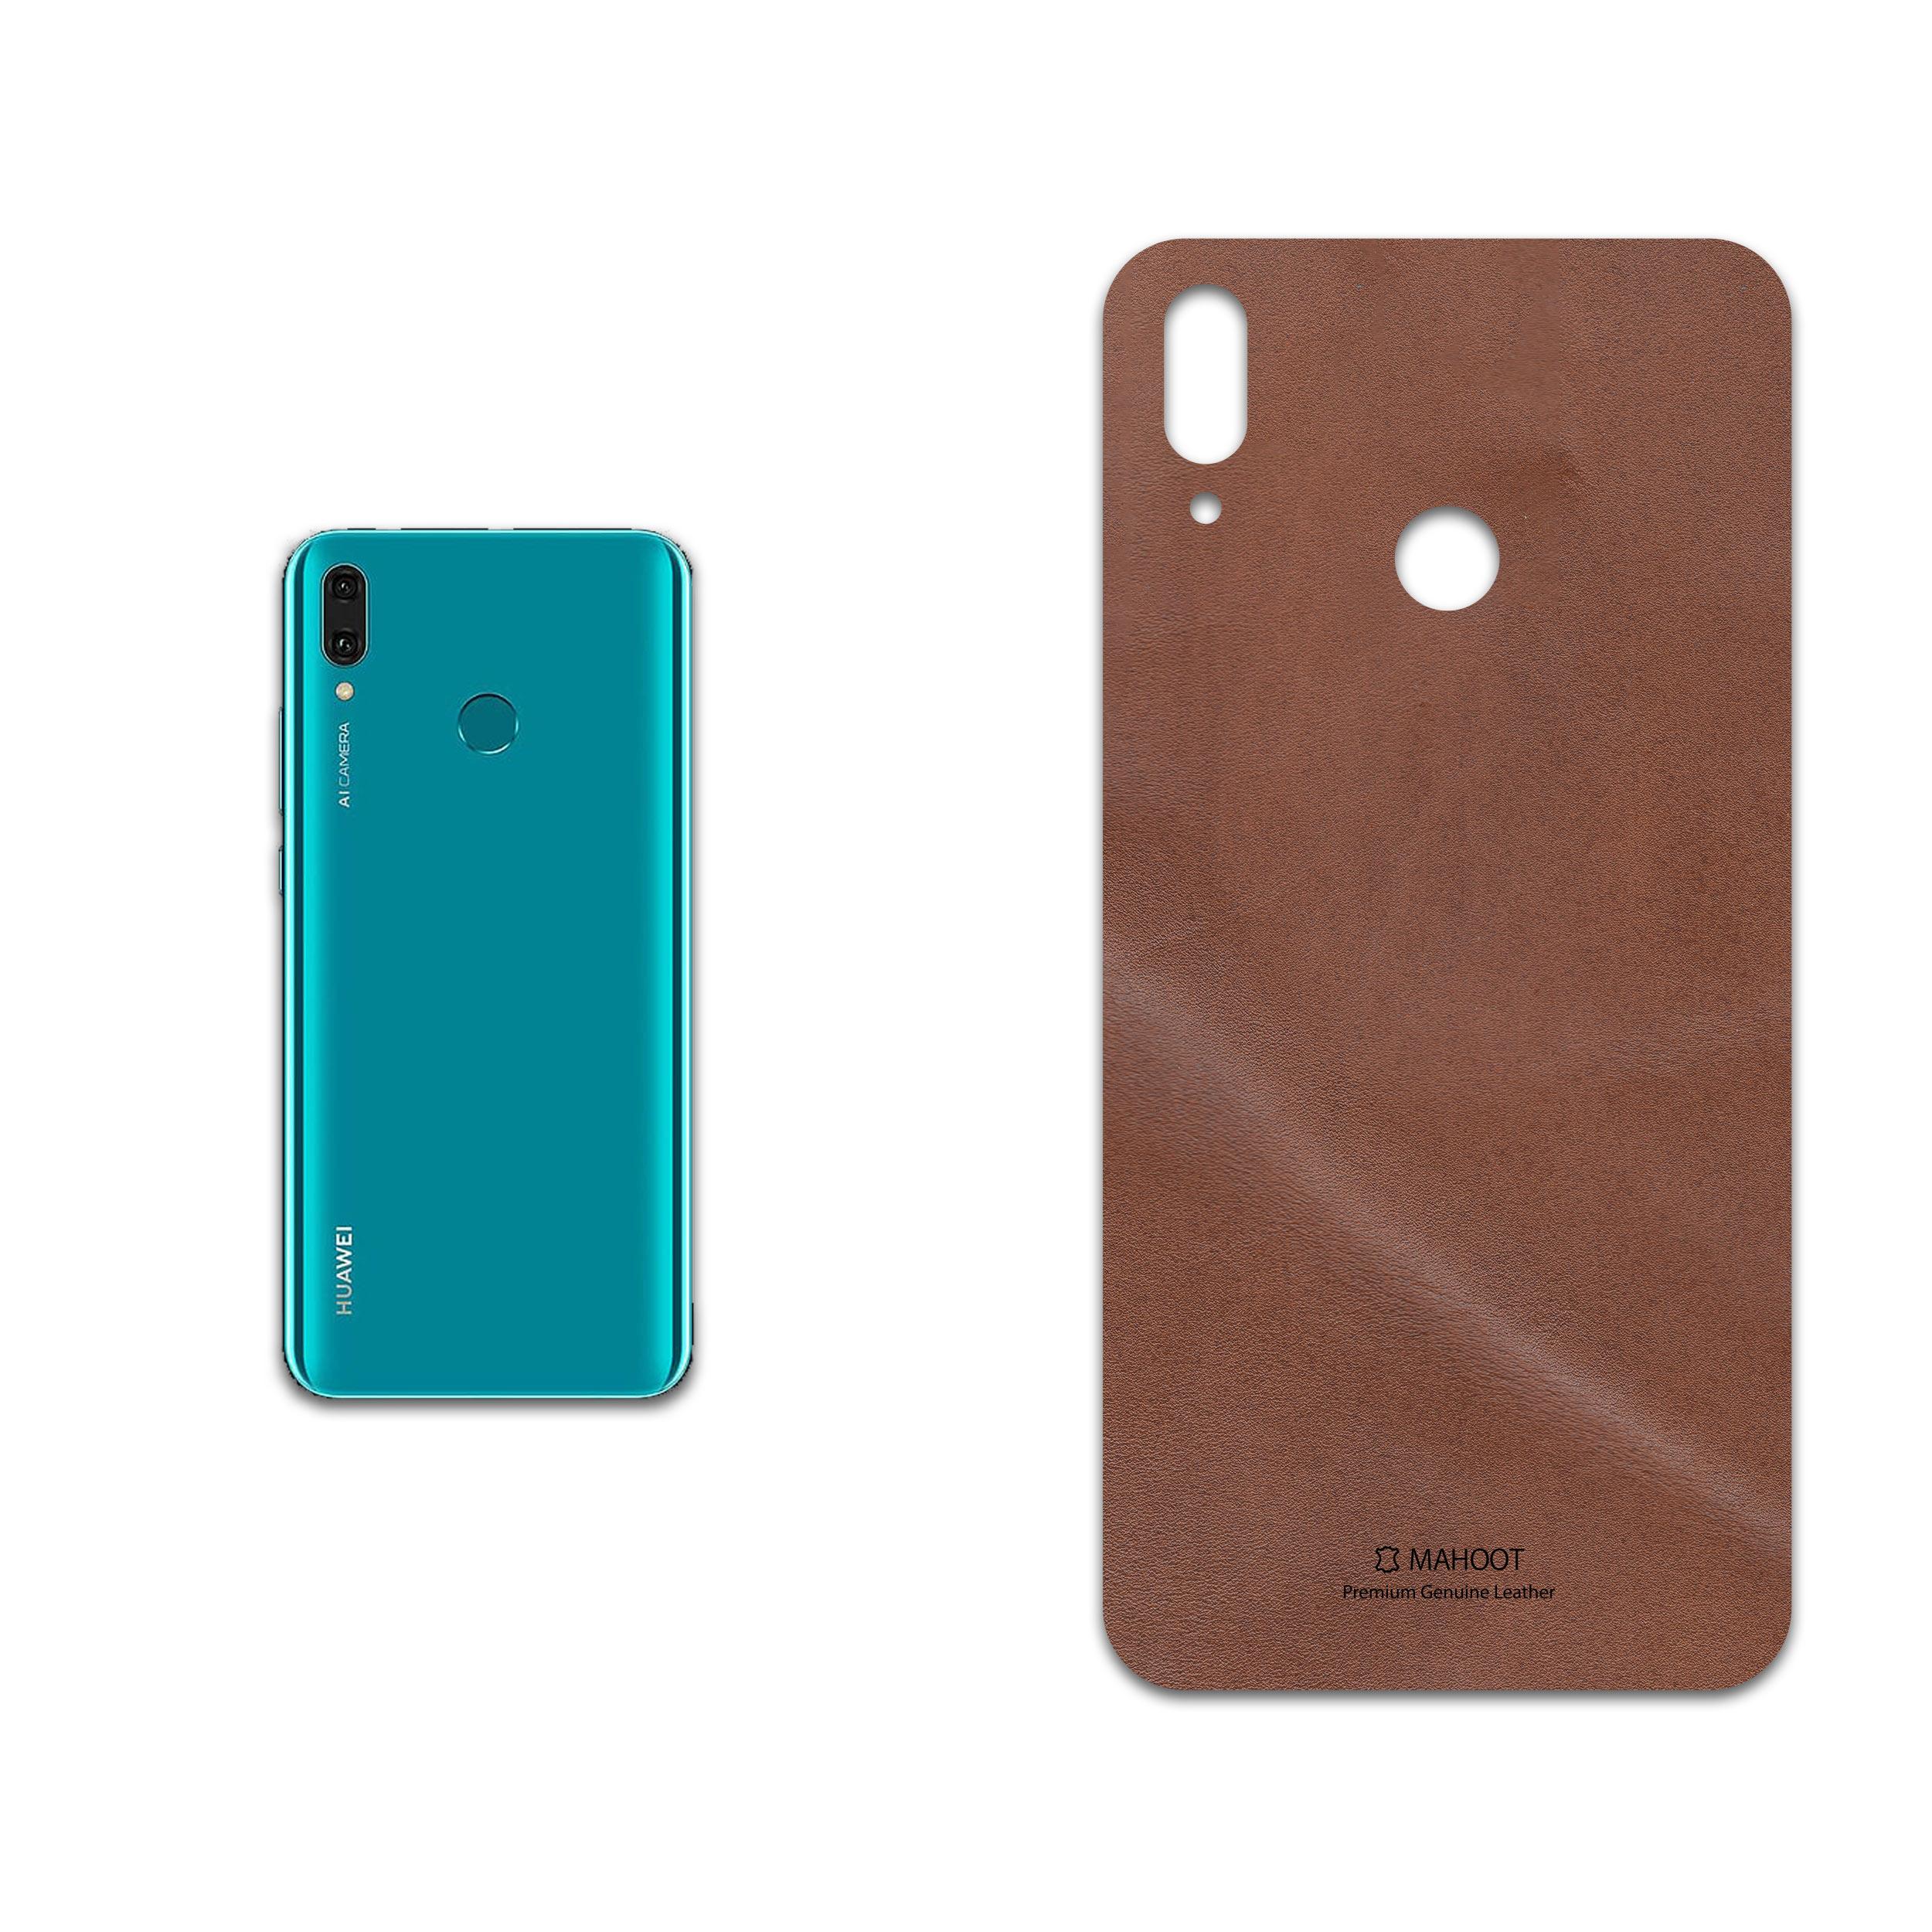 برچسب پوششی ماهوت مدل Matte-Natural-Leather مناسب برای گوشی موبایل هوآوی Y9 2019